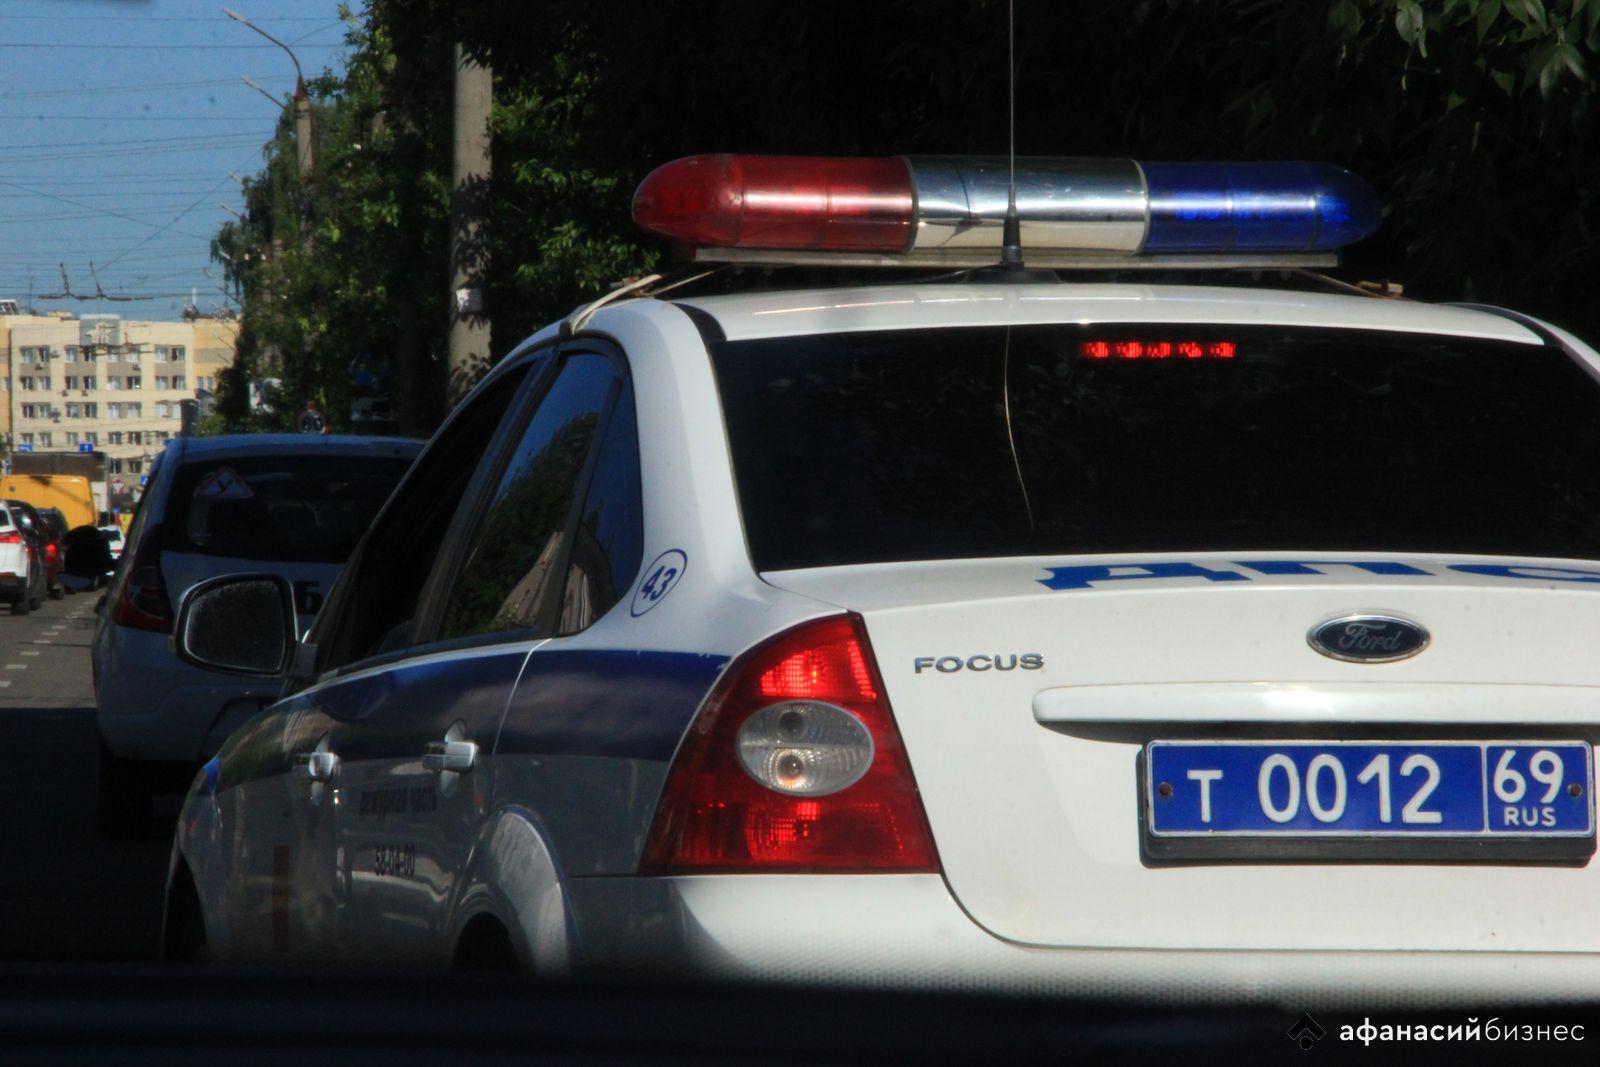 Догнать пешехода: утром в Твери штрафовали бегавших через дорогу нарушителей - новости Афанасий